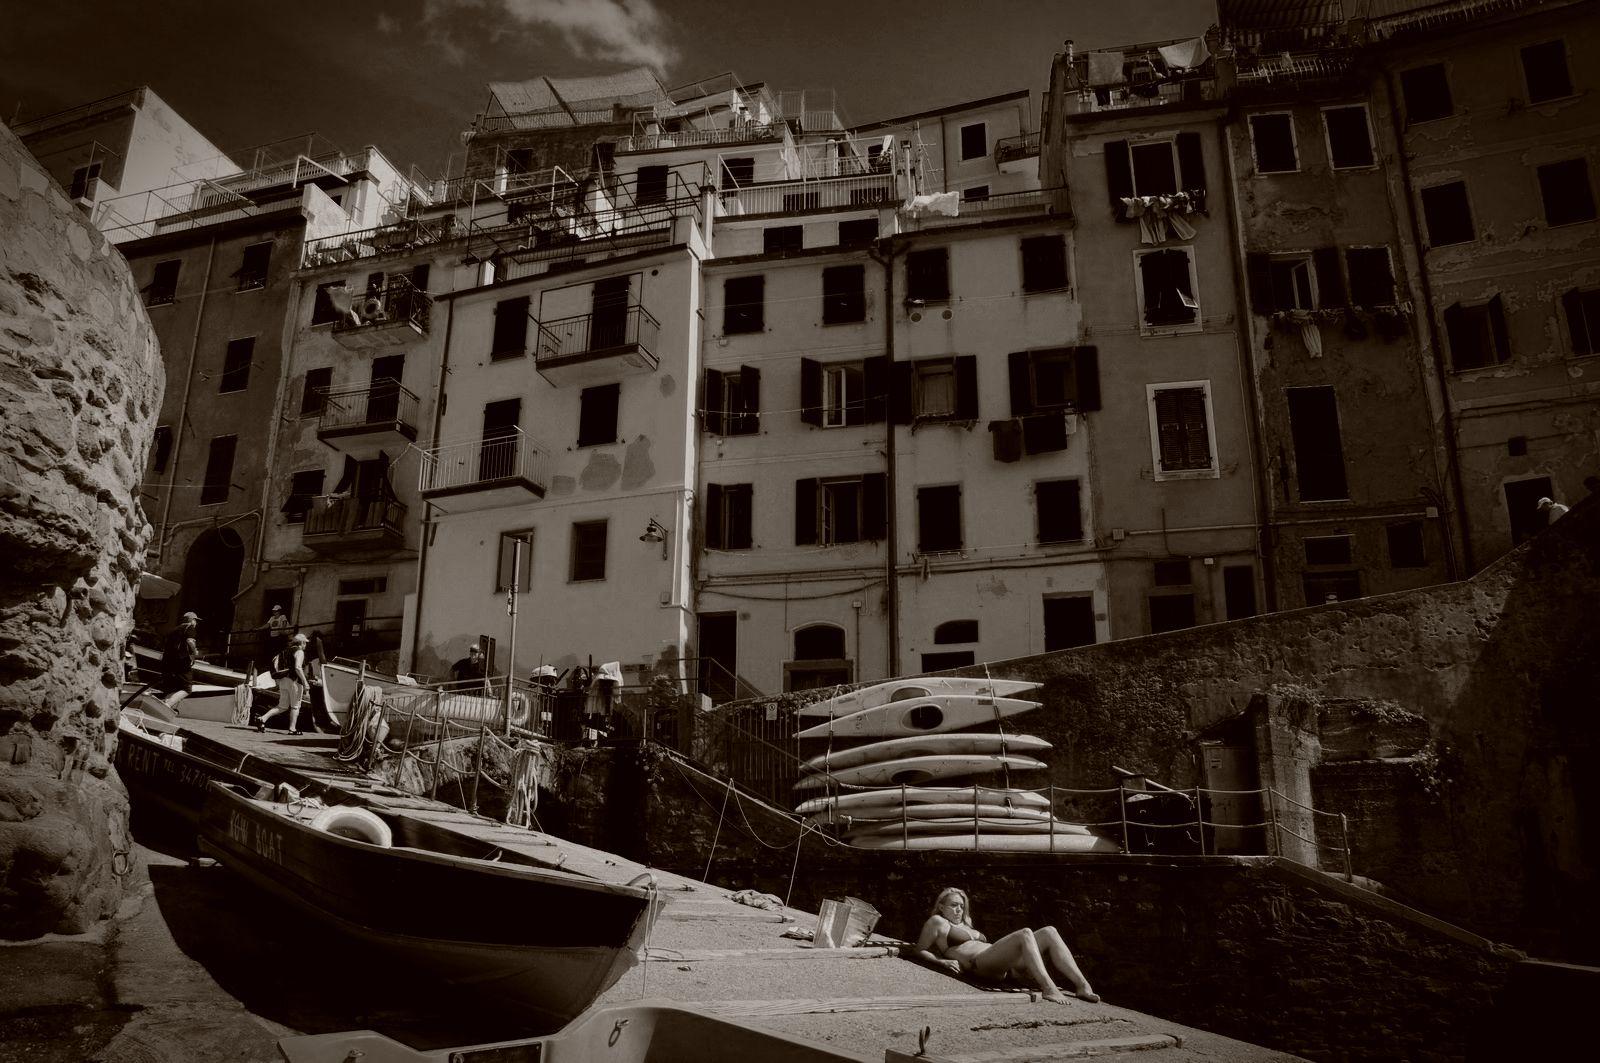 cinqueterre - Riomaggiore